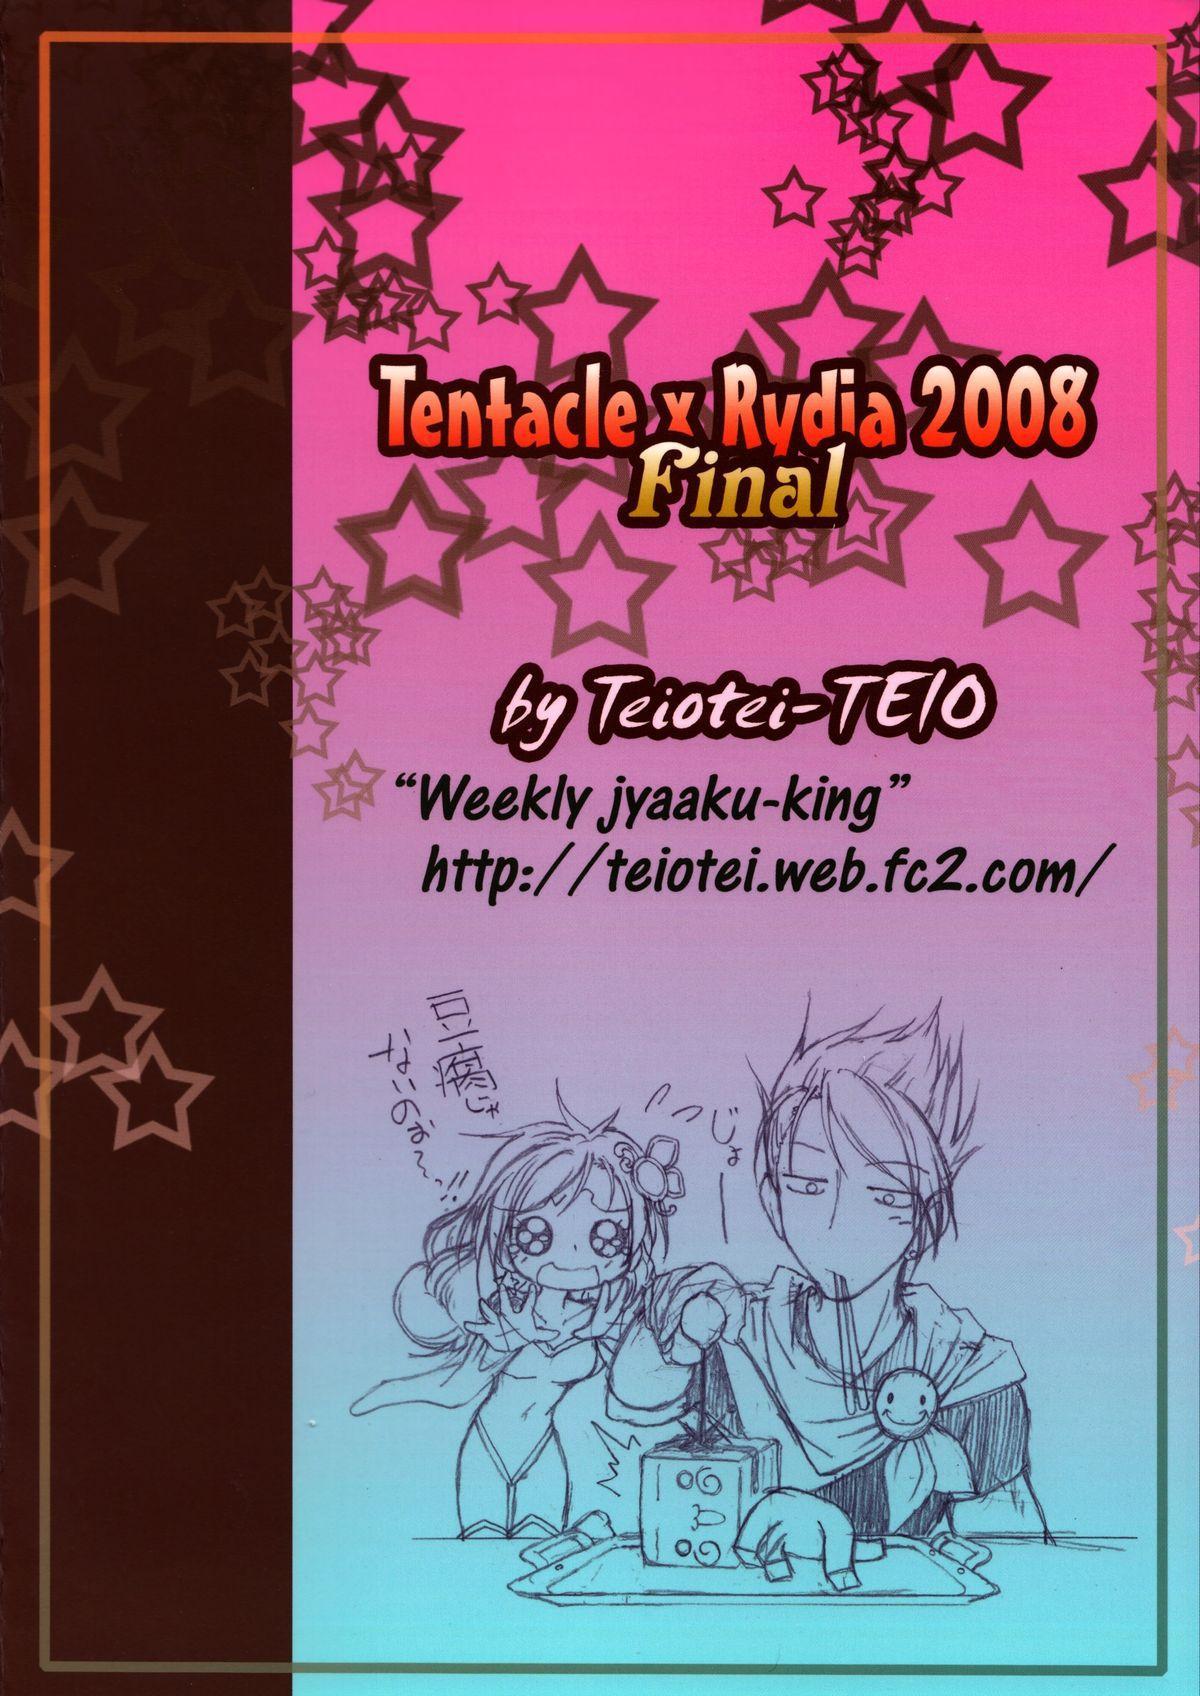 Shokushu x Rydia 2008 Final - Tentacle x Rydia 2008 Final 25